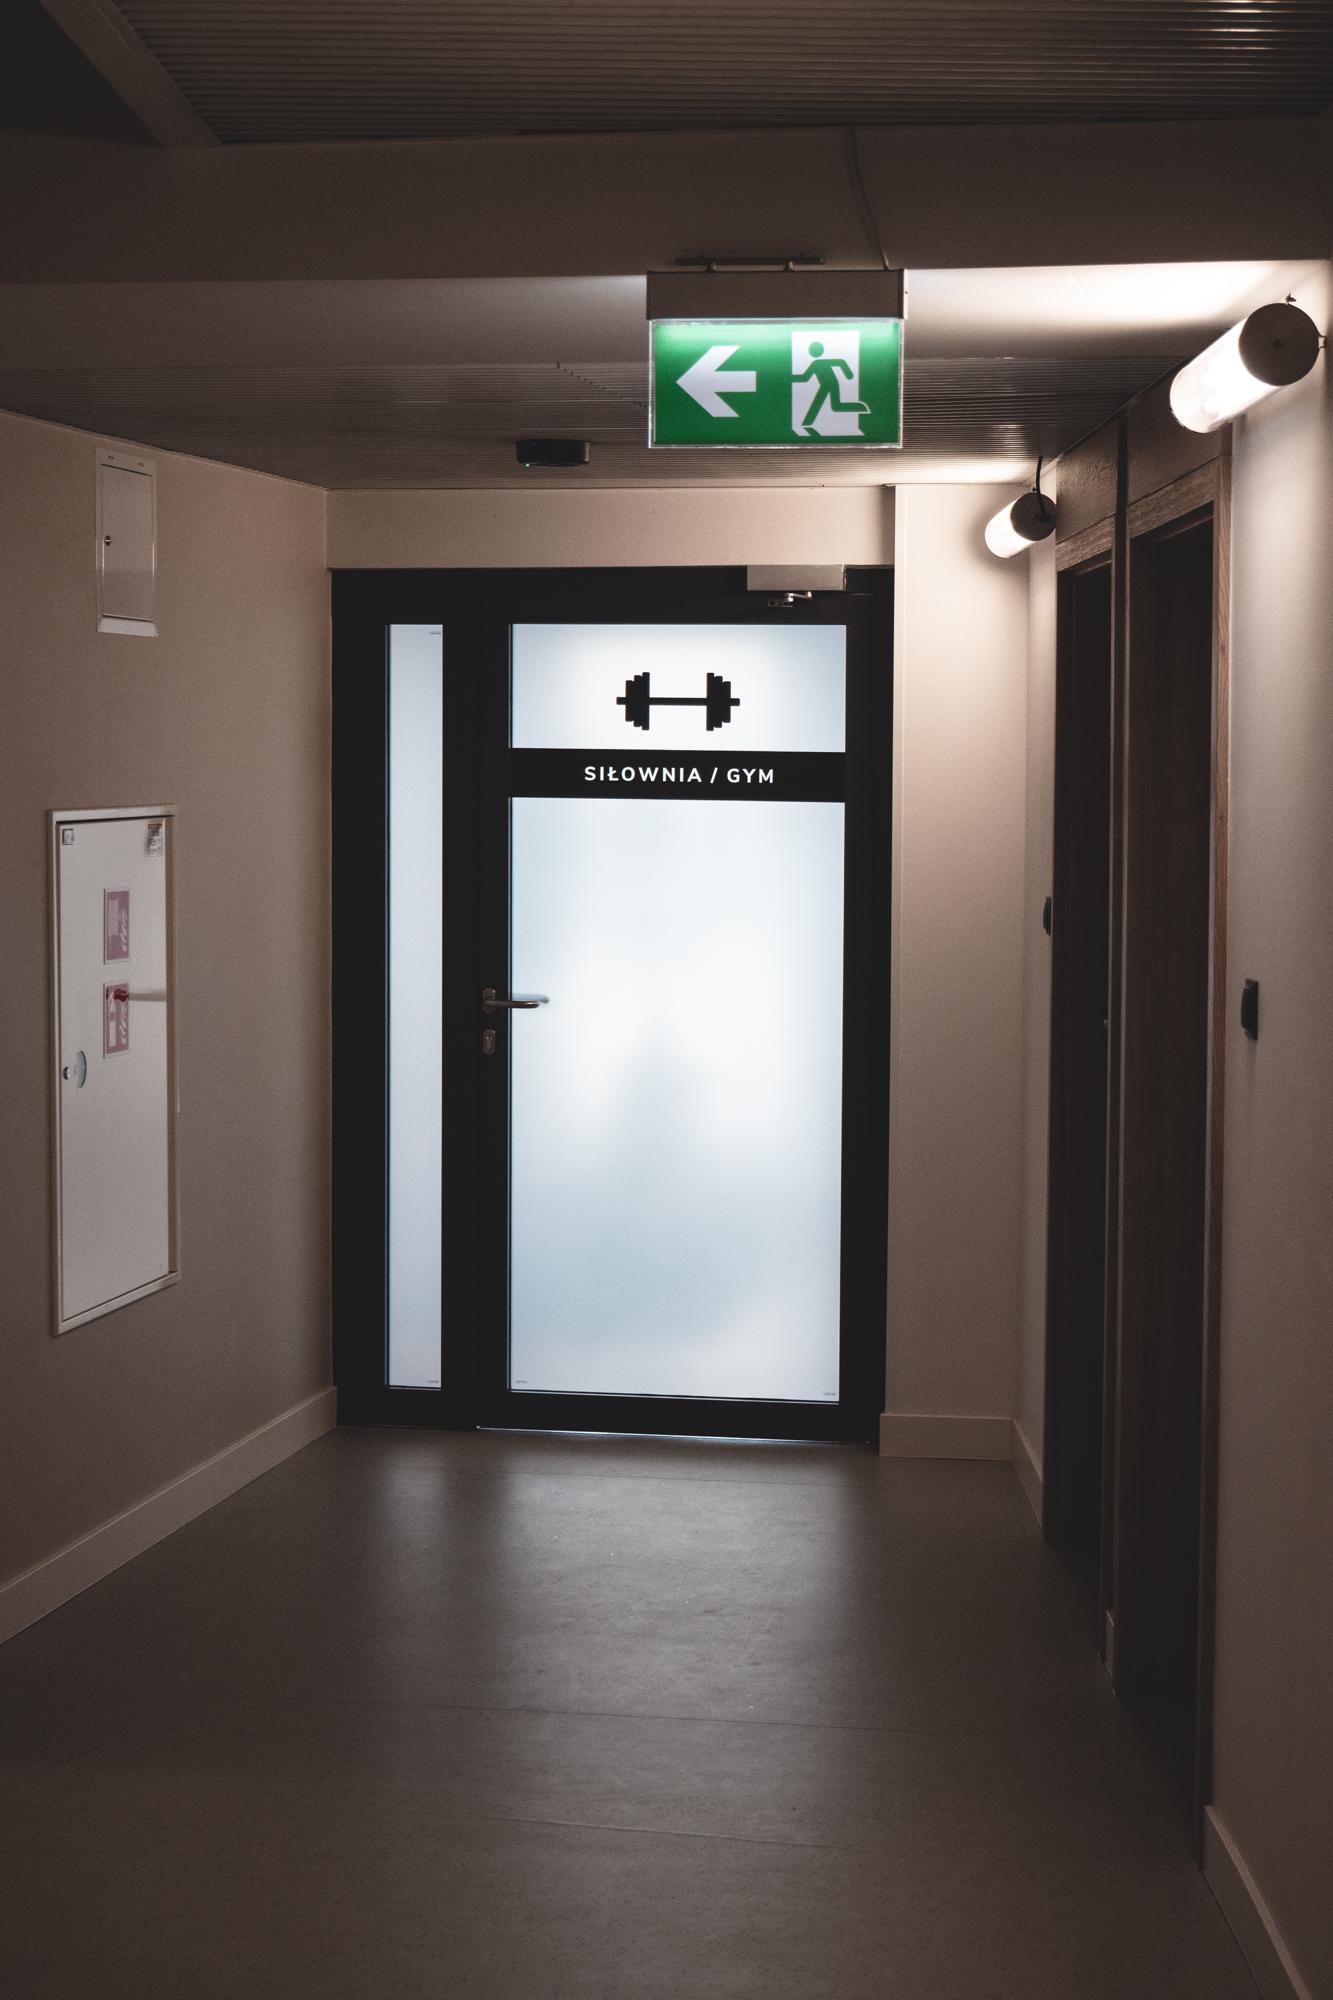 Drzwi do pomieszcvzenia siłowni oklejone folią szronoiną z grafiką z czarnej foli